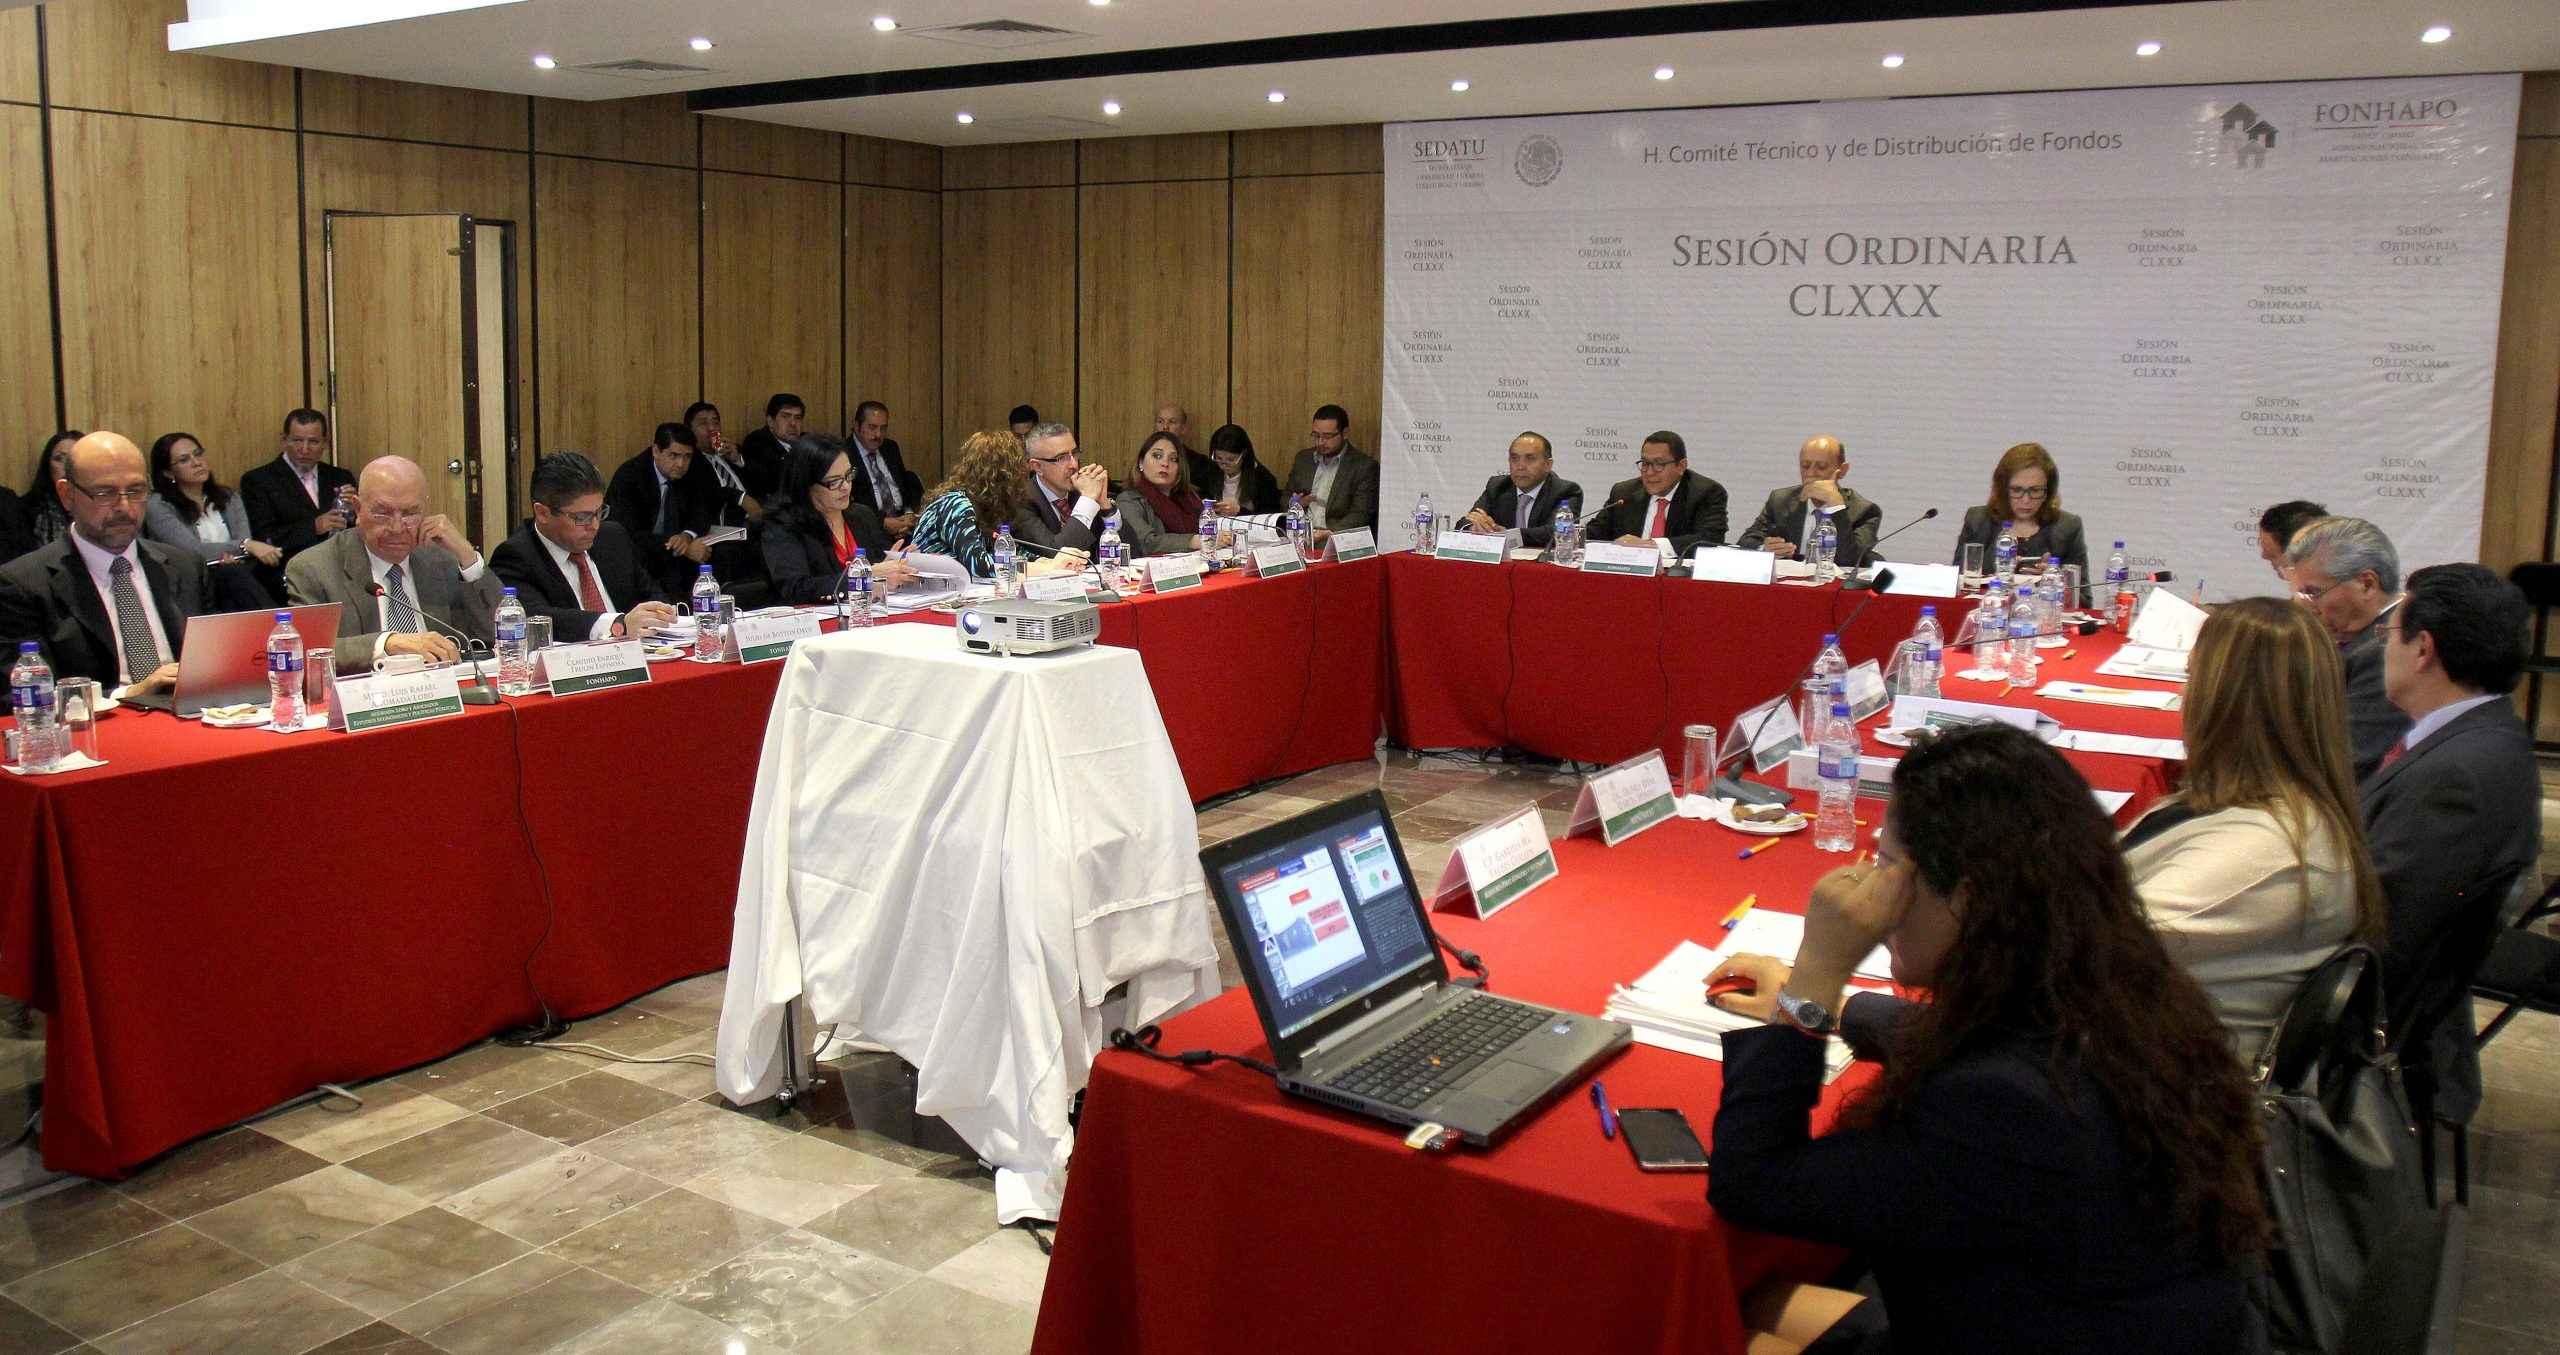 Fonhapo ha contribuido a reducir el rezago en 12.20%